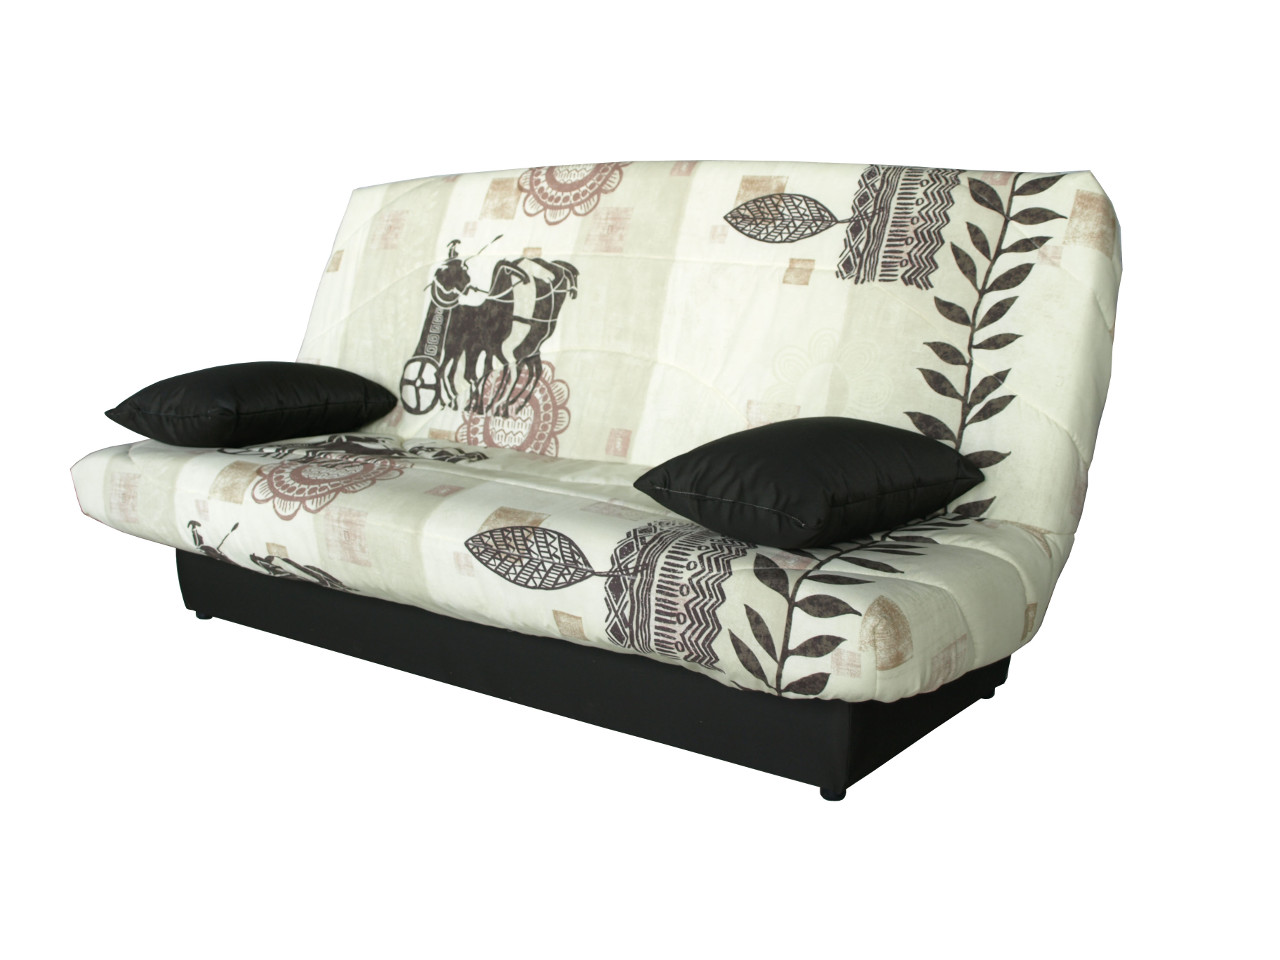 Купить матрас для кровати 190 на 200